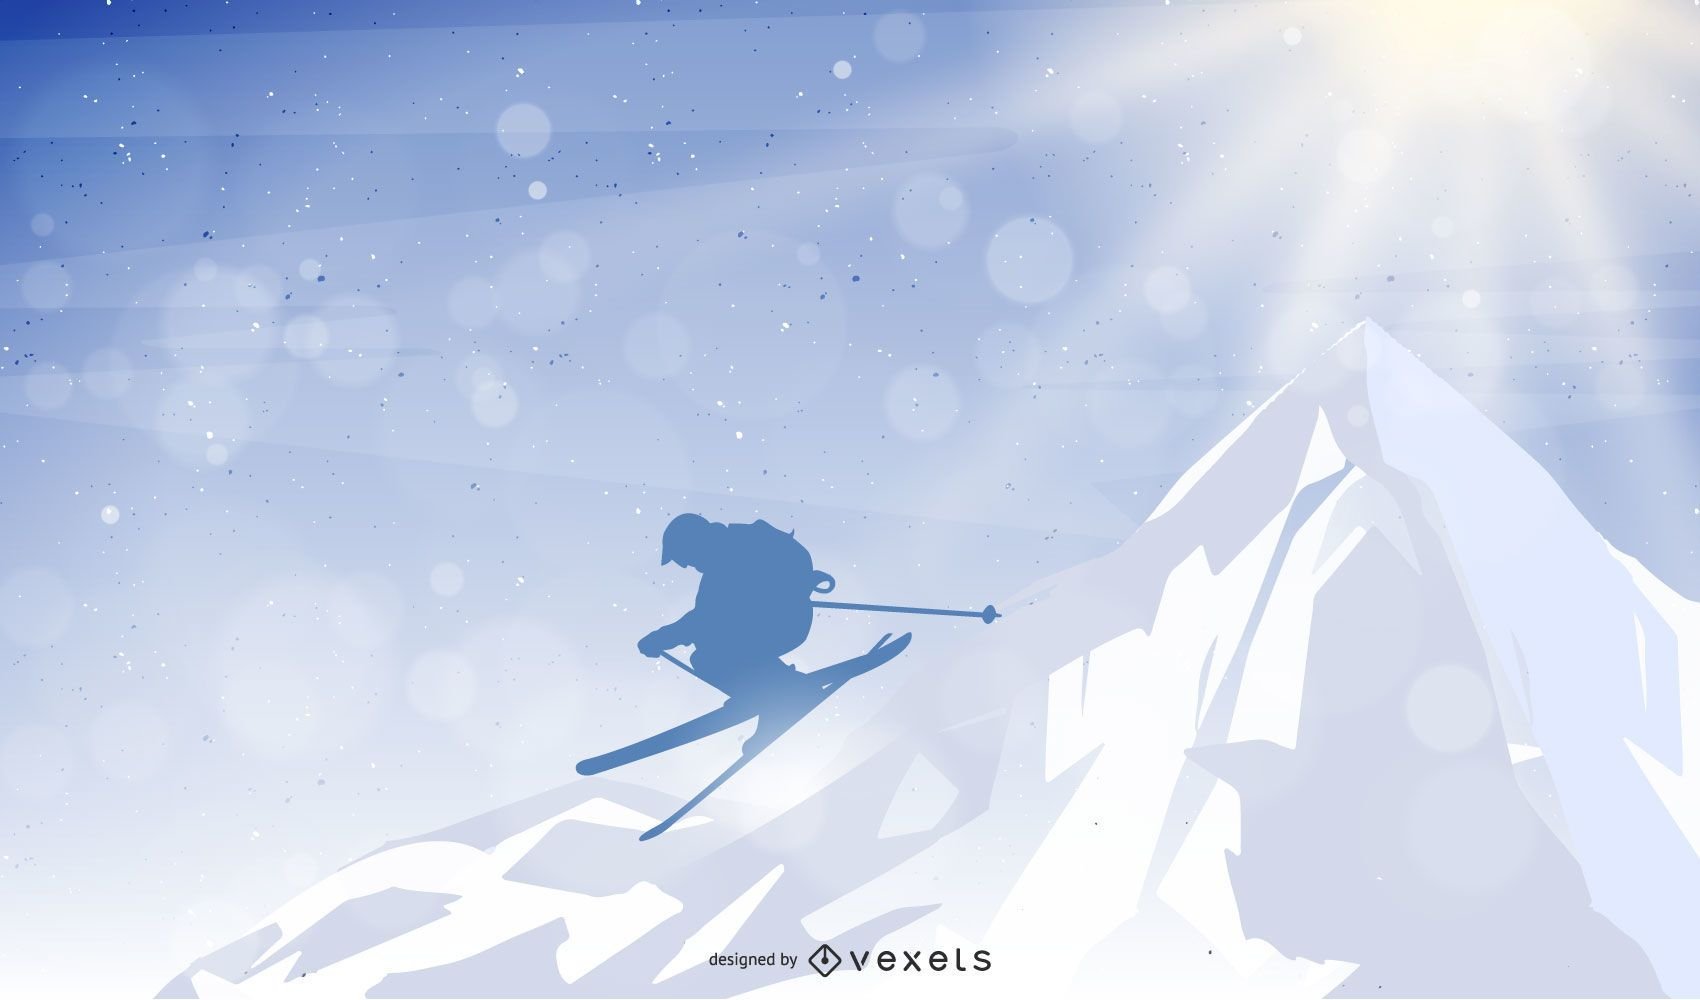 Man Jumping Mountain Skiing